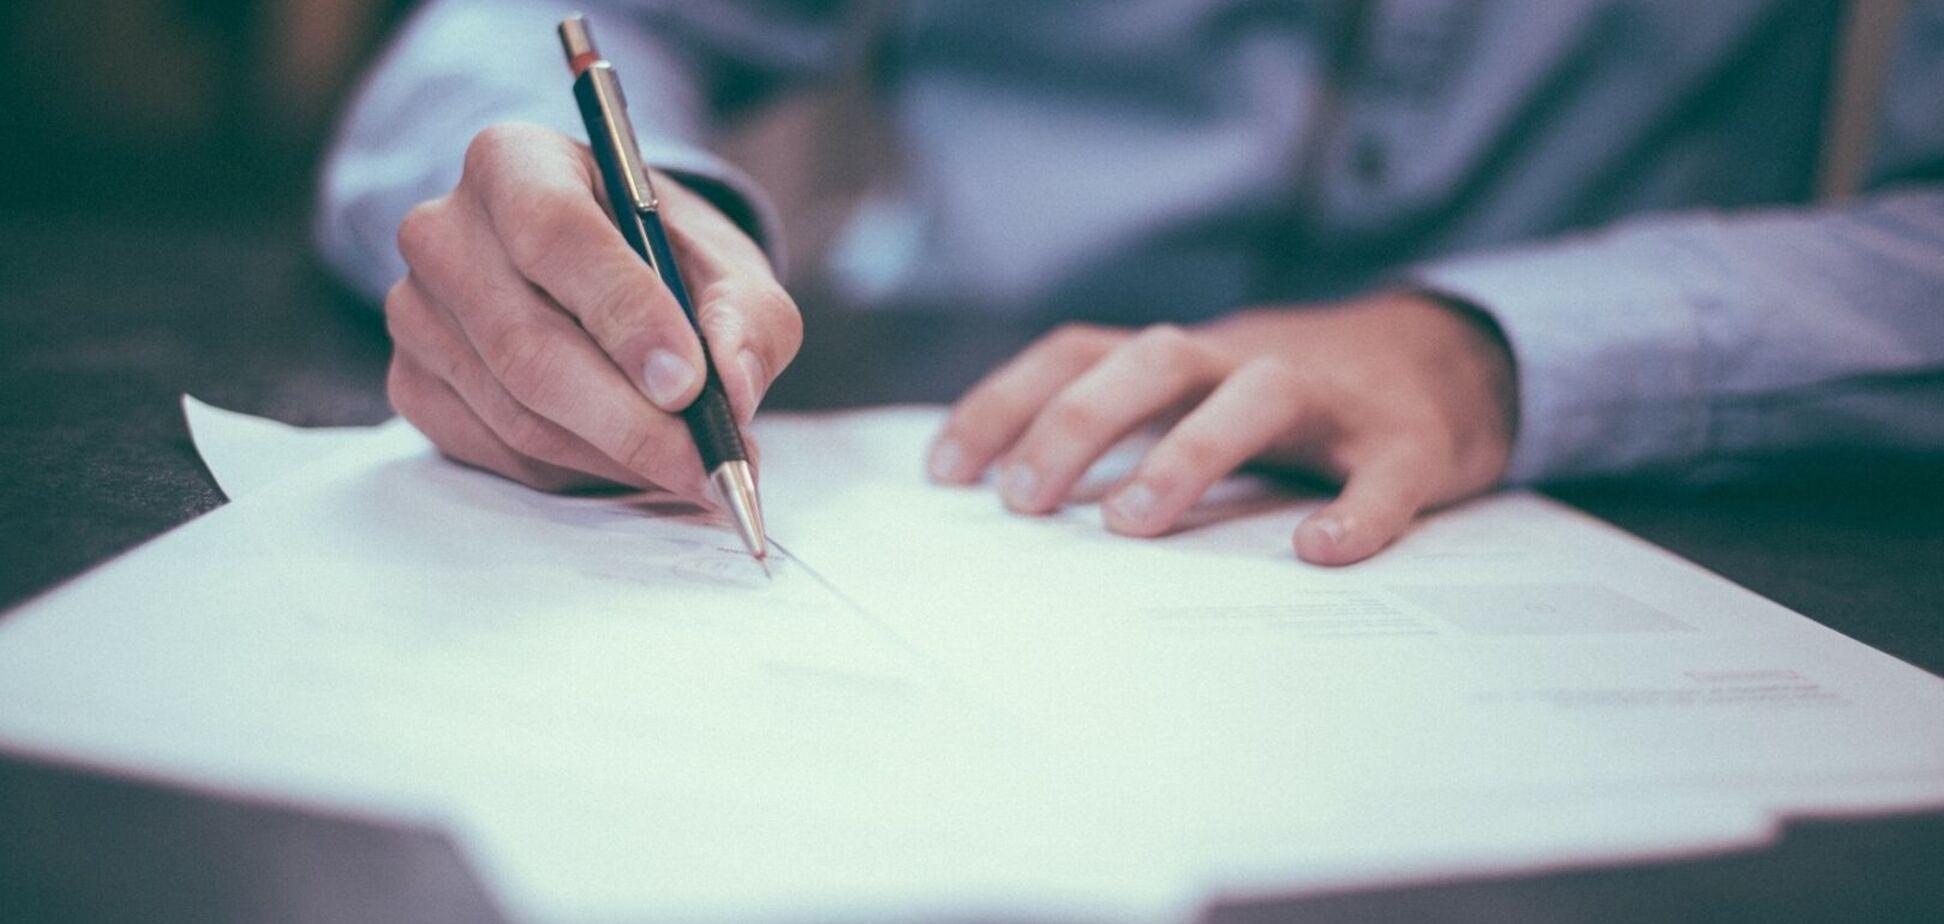 Изменения в правилах заключения договоров на финансовые услуги: на что стоит обратить внимание